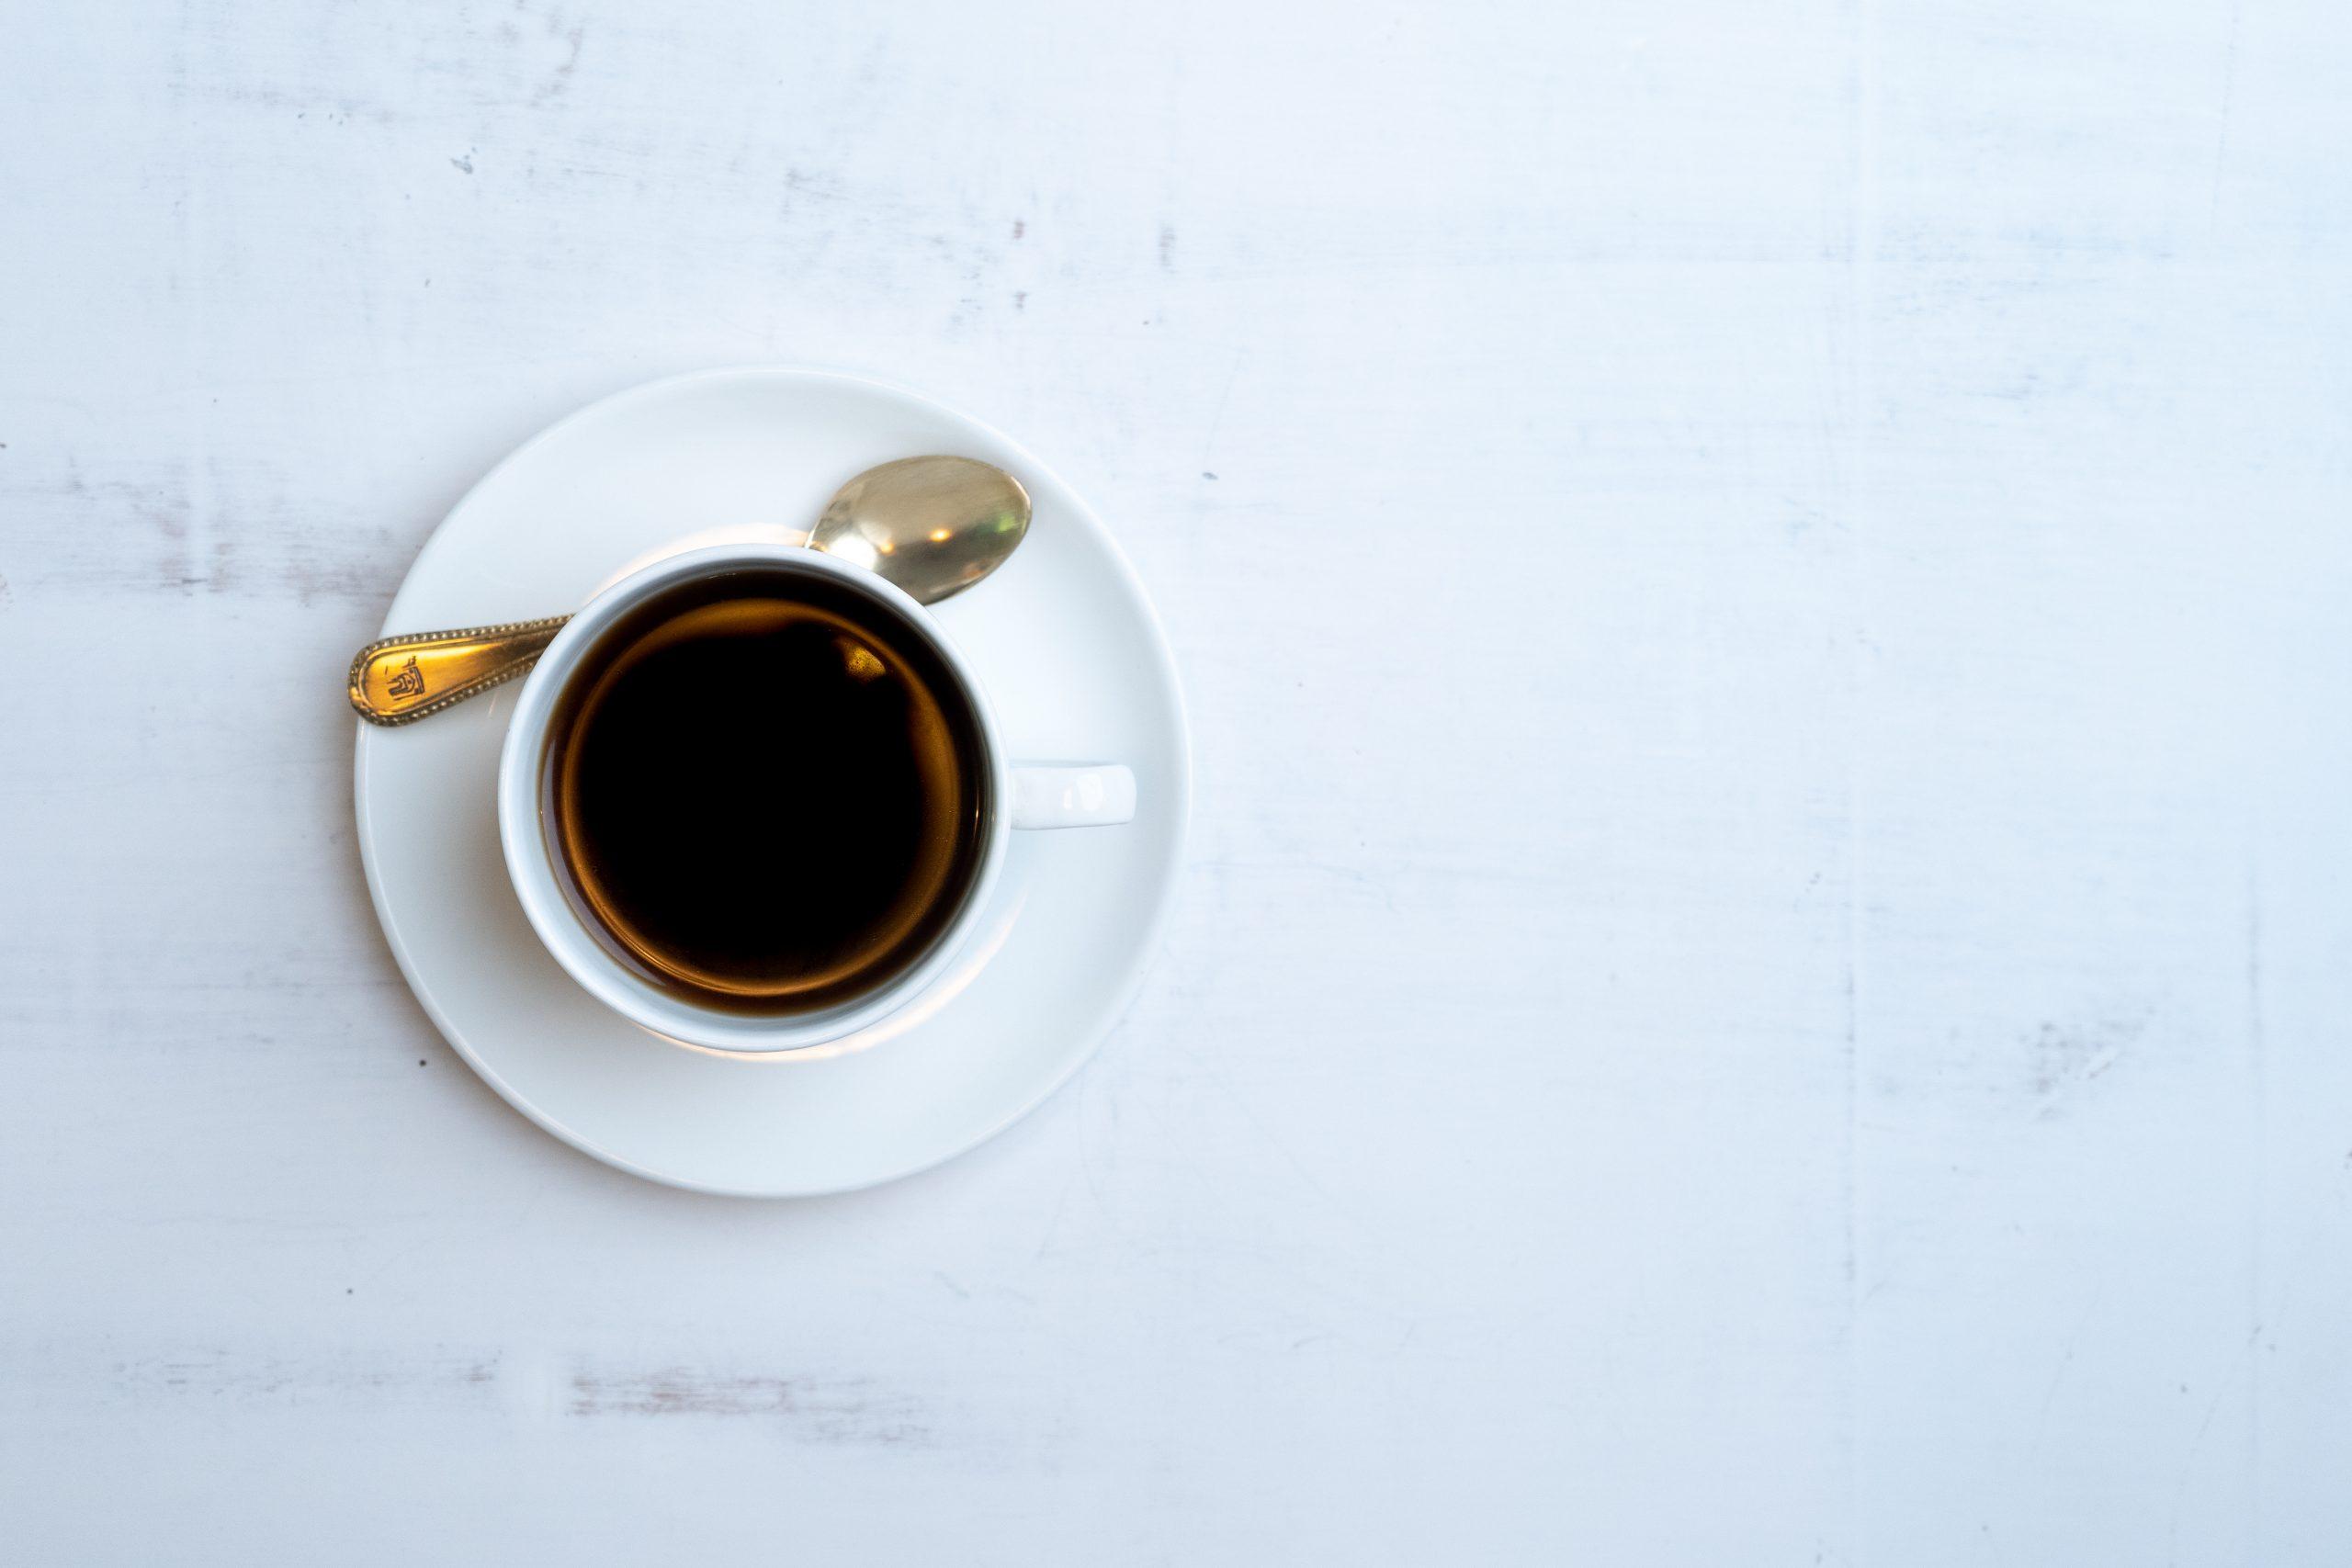 Tea cup flatlay